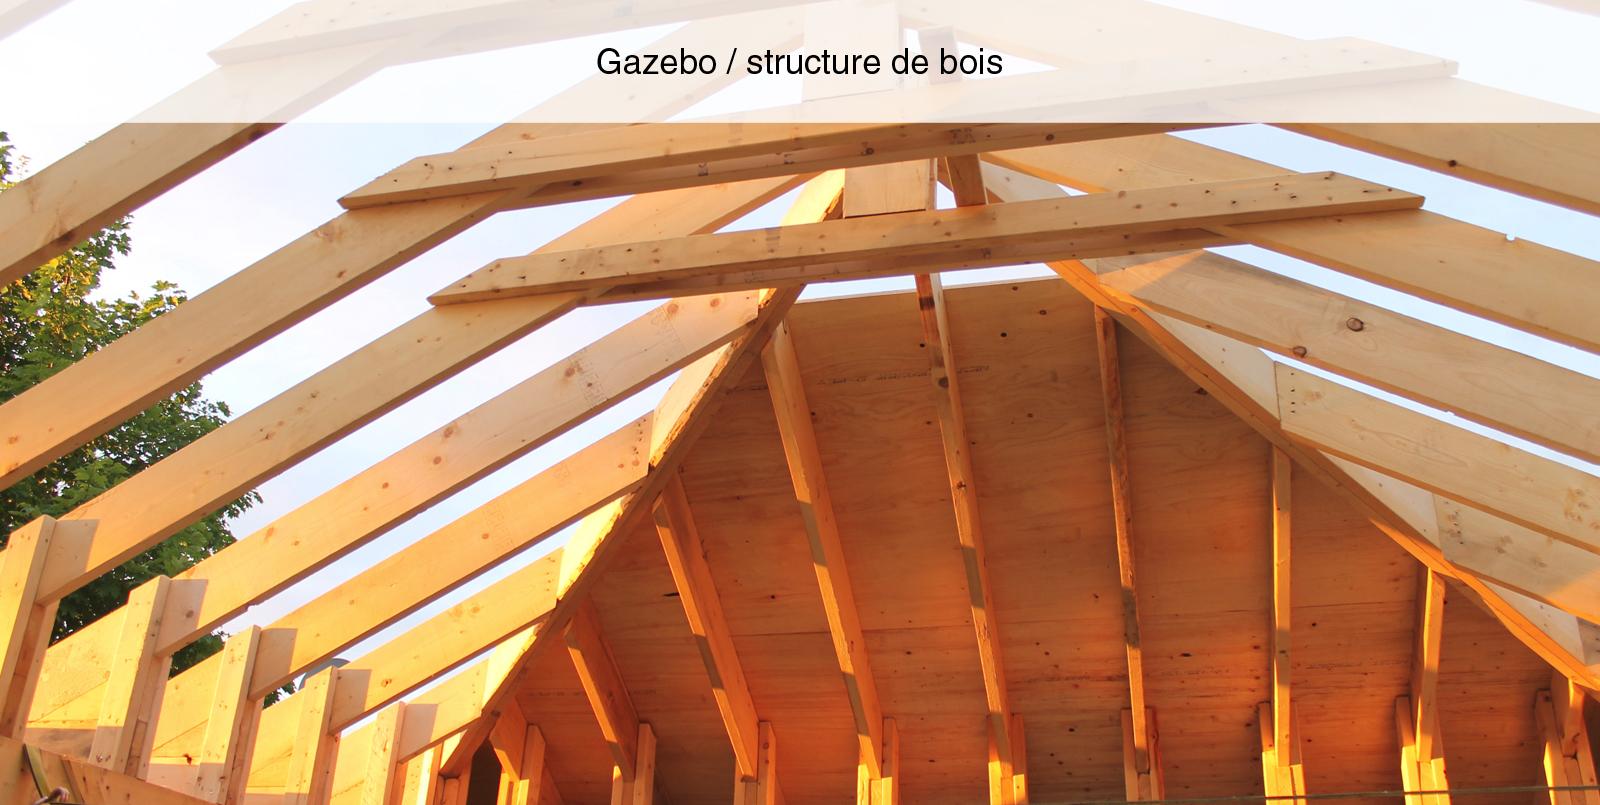 5-1-PANACHE-CONSTRUCTION-RENOVATION_GAZEBO-STRUCTURE-DE-BOIS